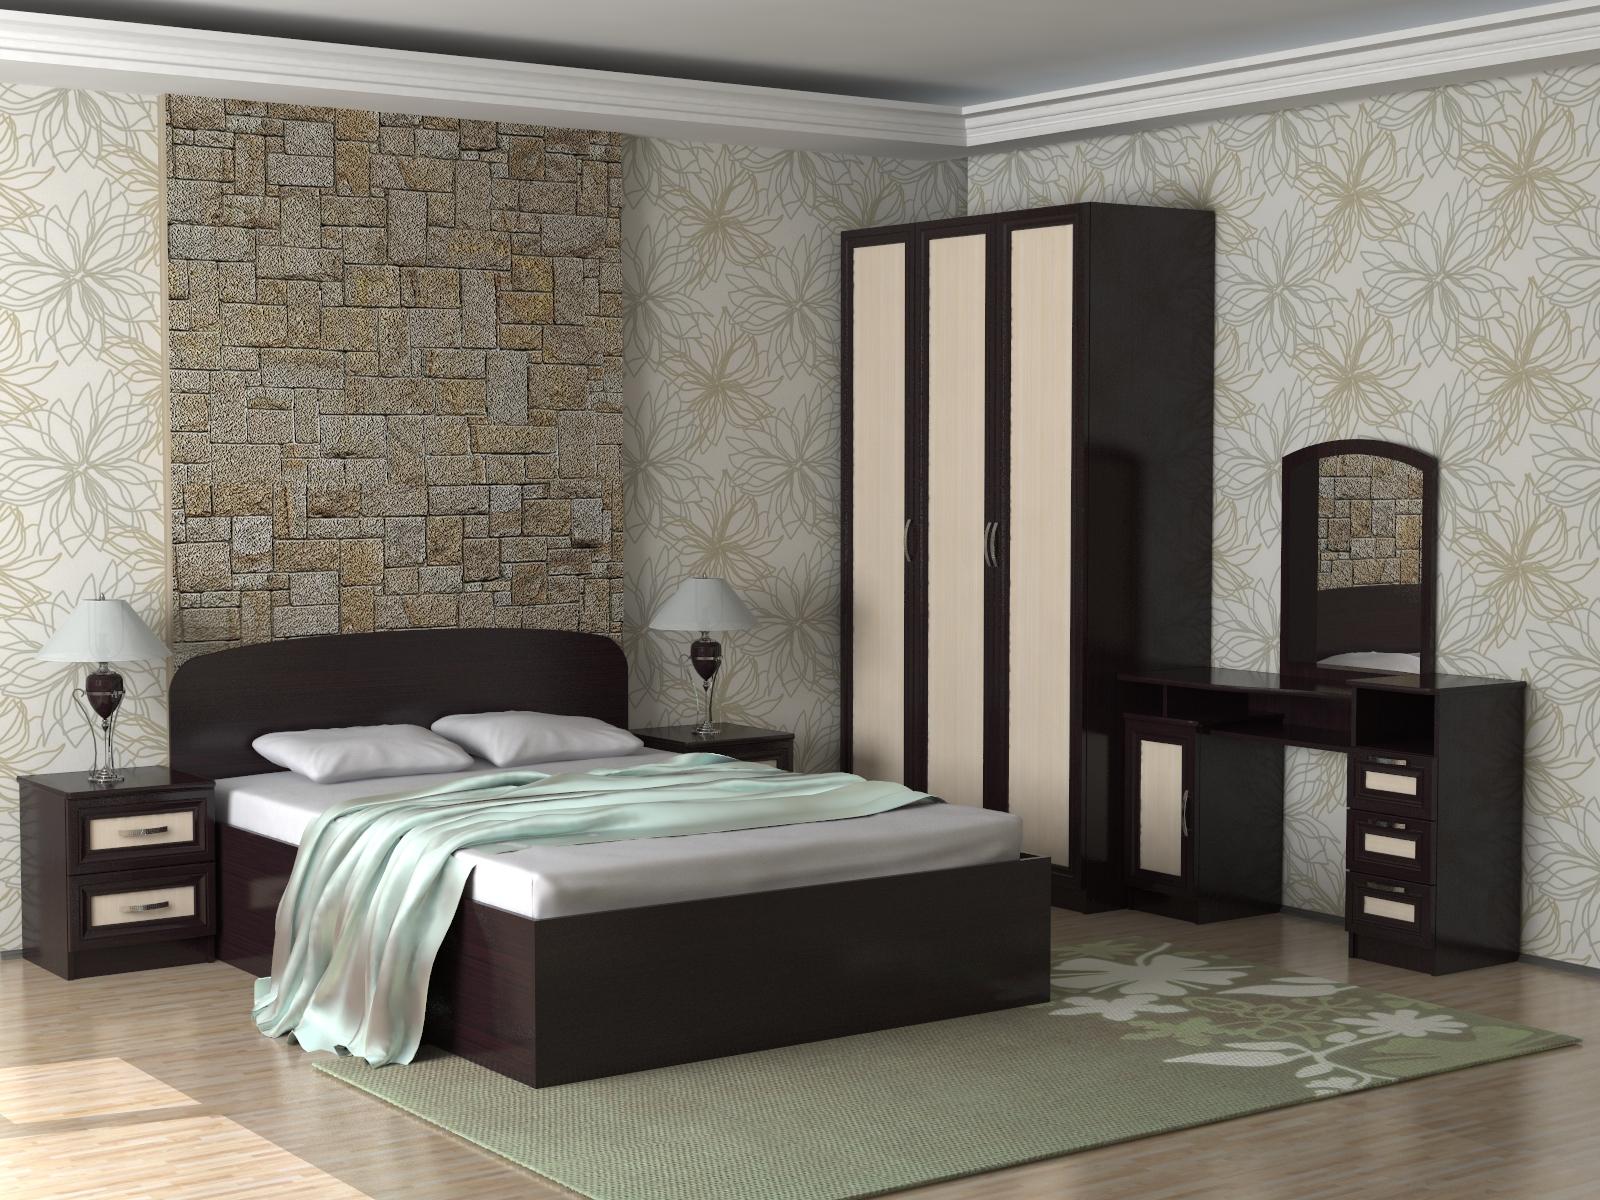 спальный гарнитур венге в интерьере спальни